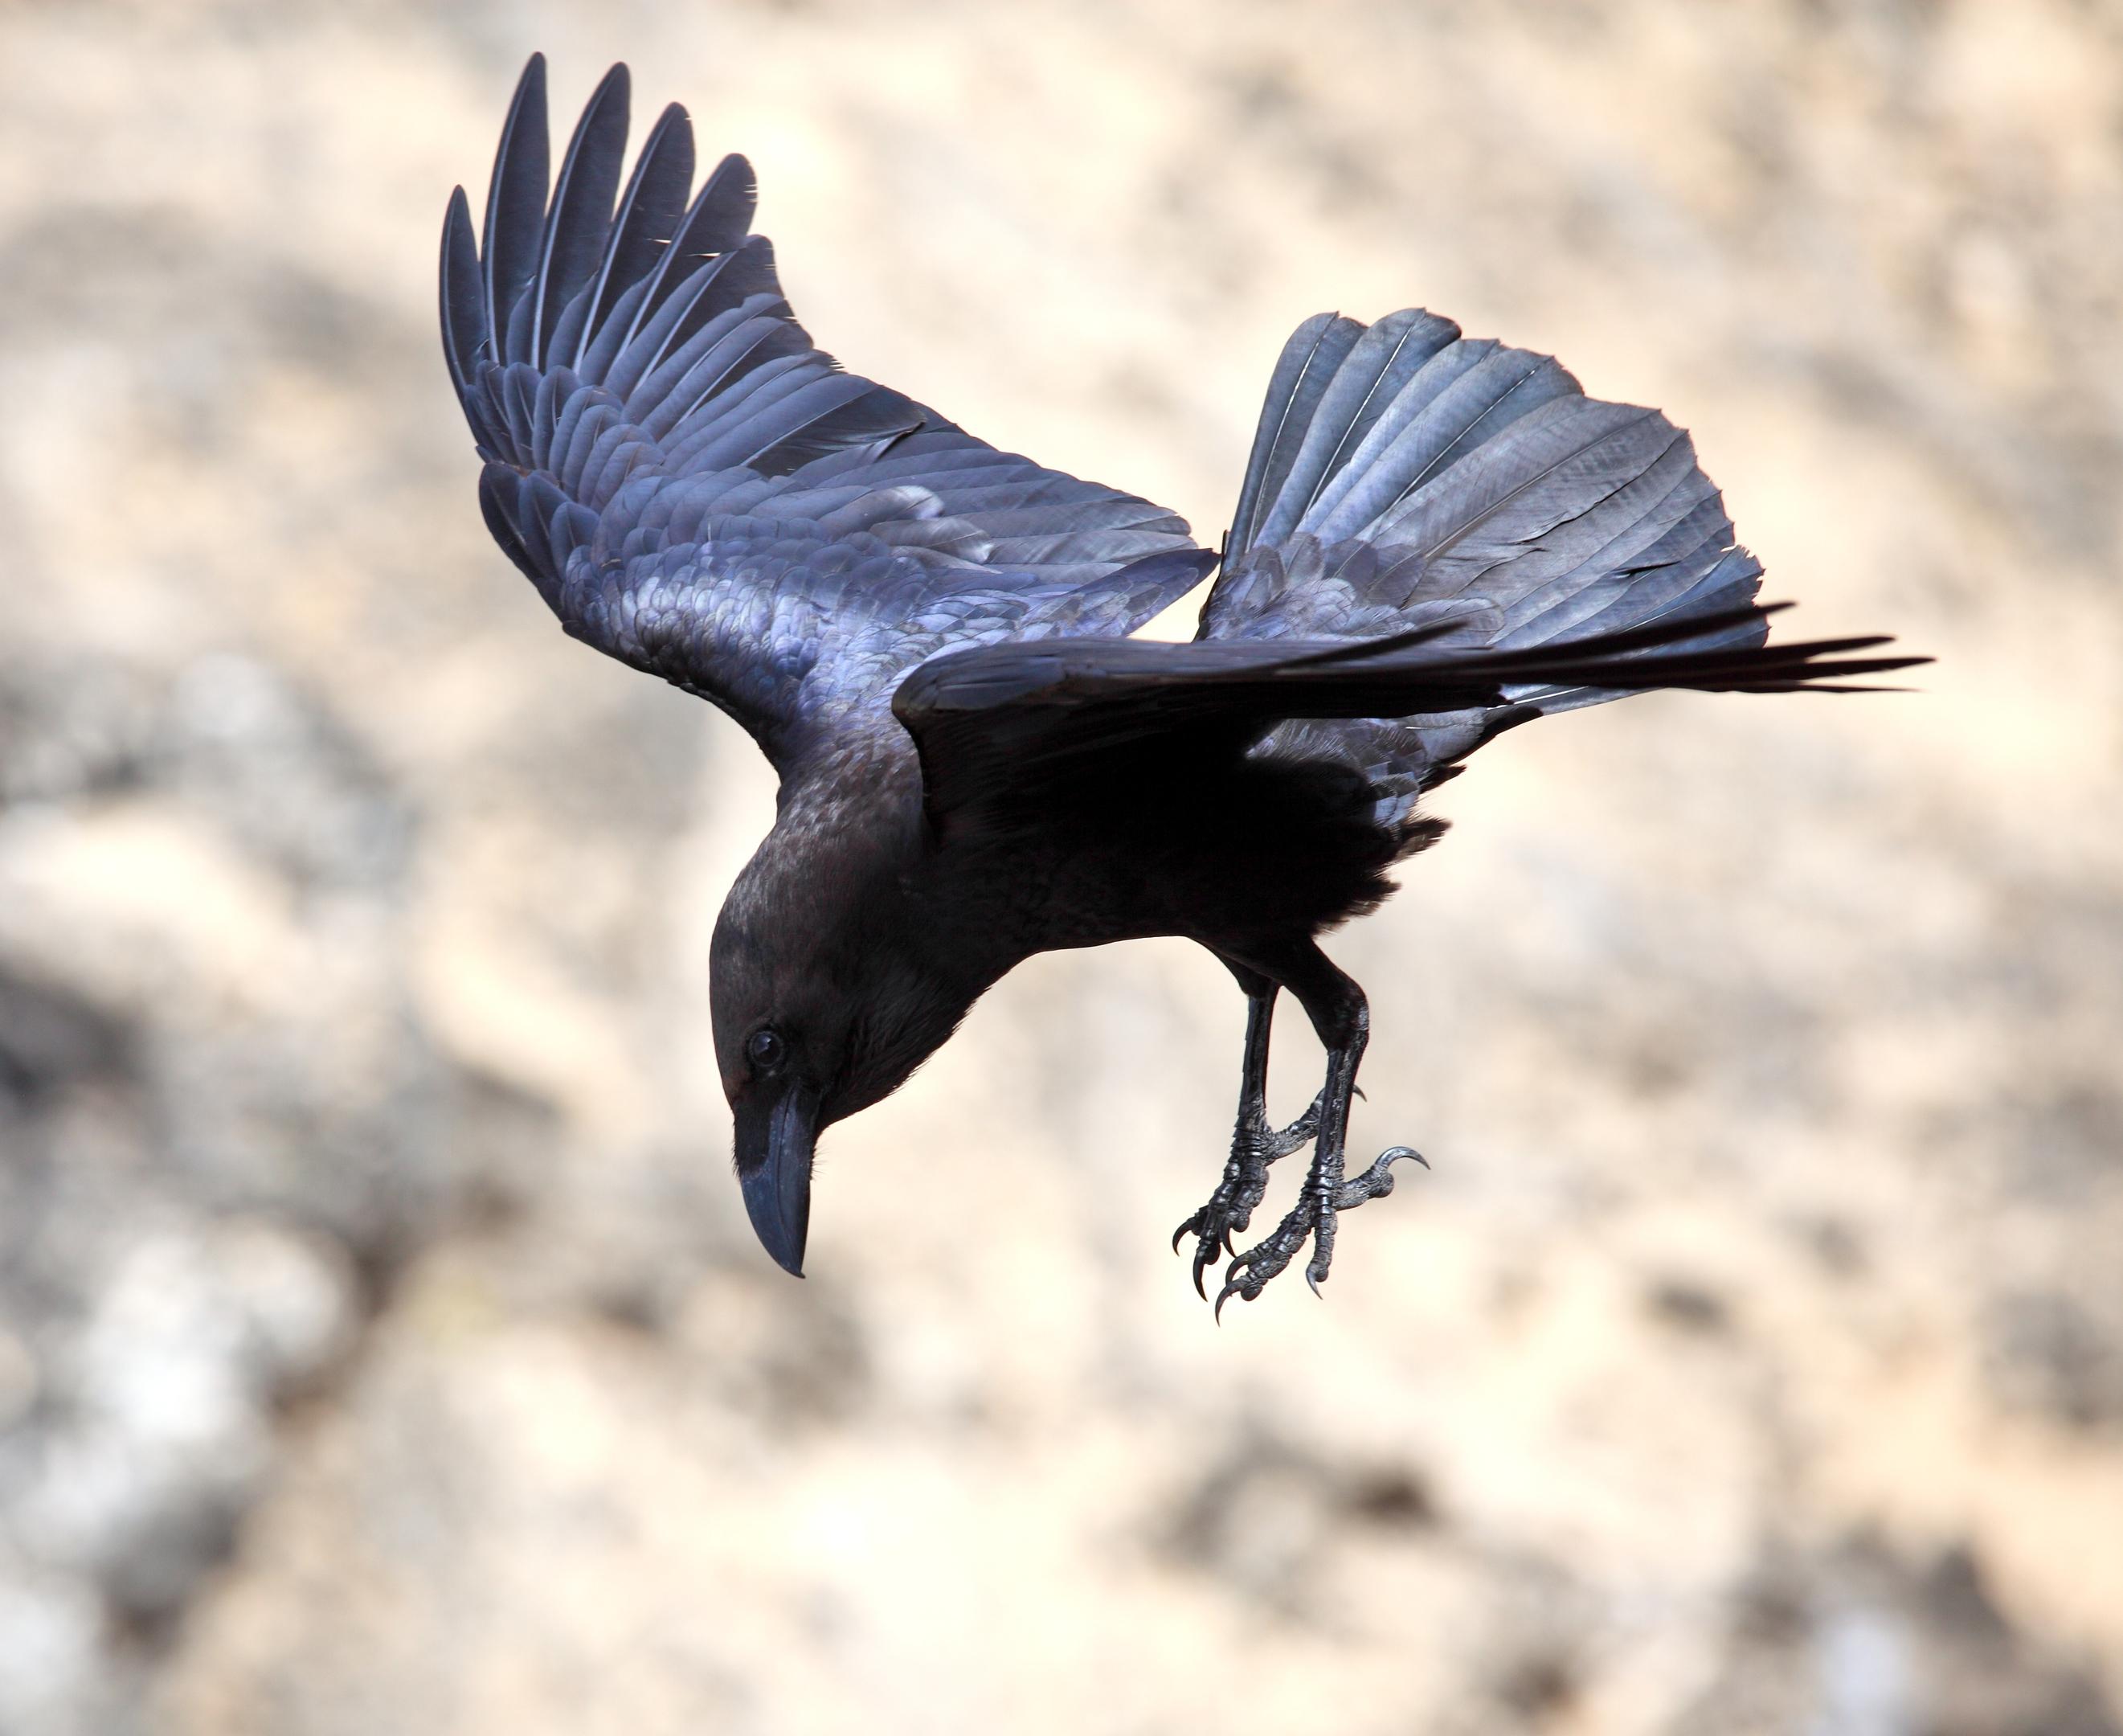 Brown-necked raven, Corvus ruficollis, in flight